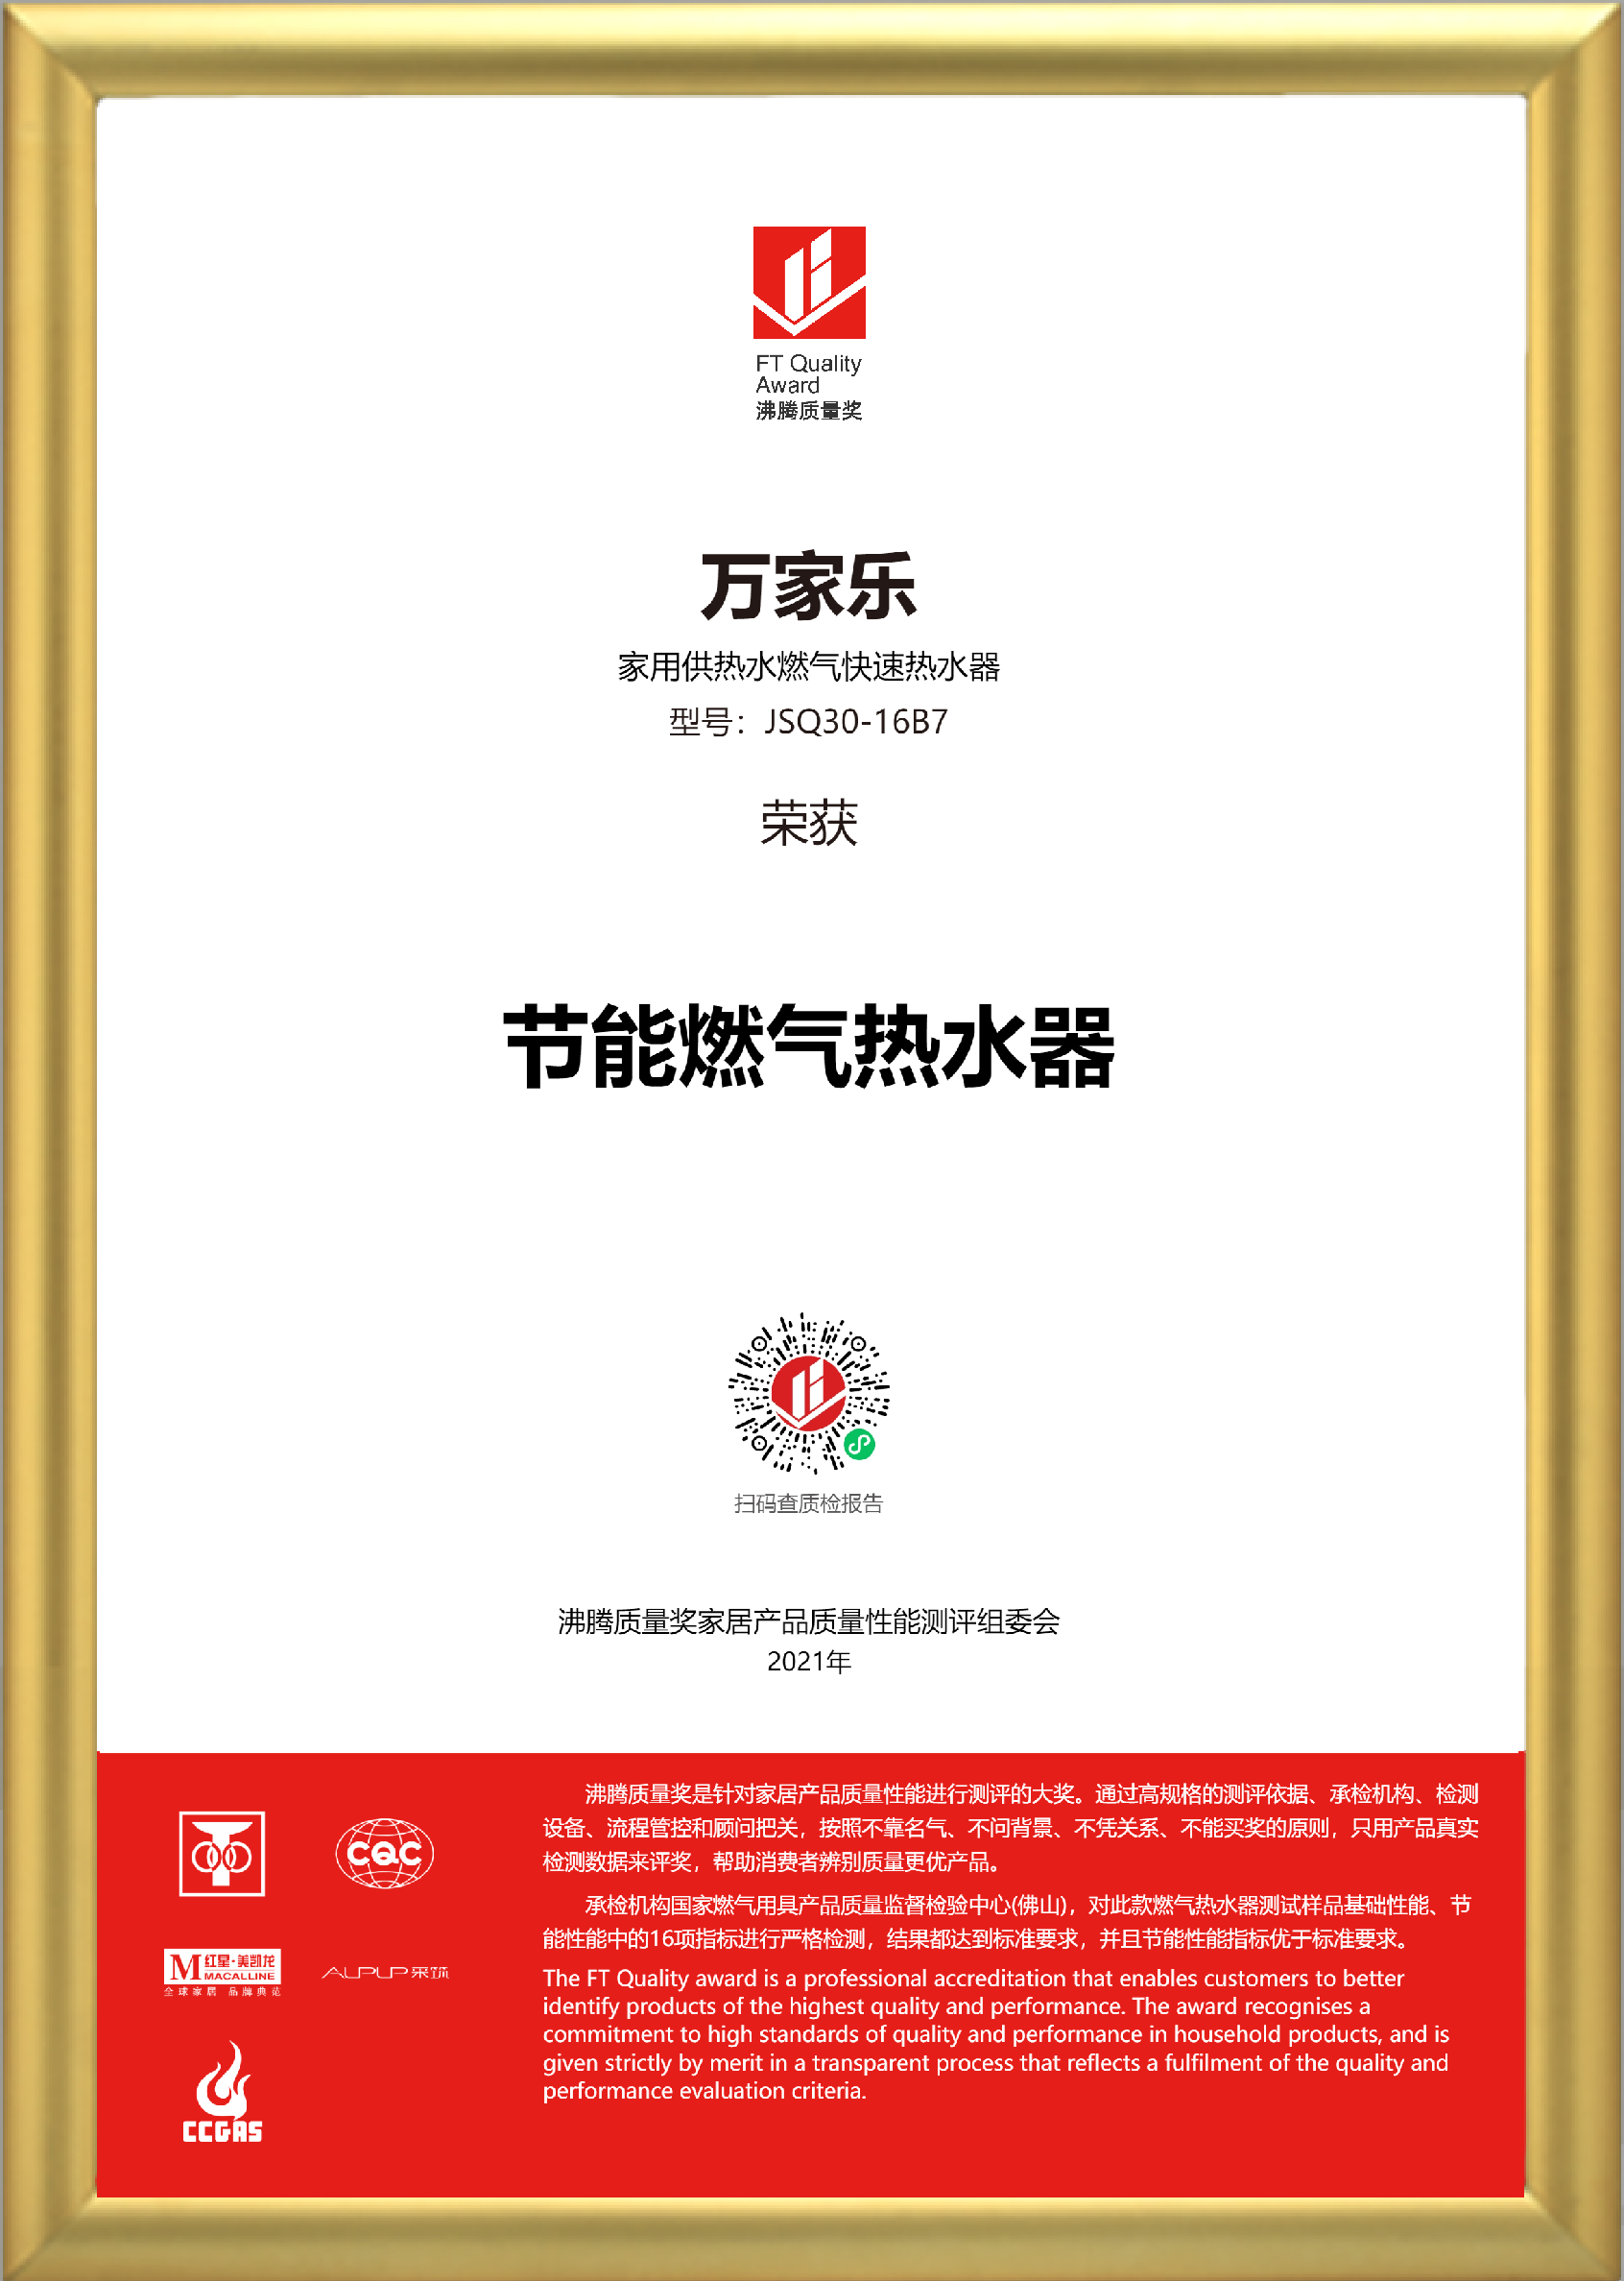 金框加持-获奖证书-万家乐-家用供热燃气快速热水器-JSQ30-16B7.png